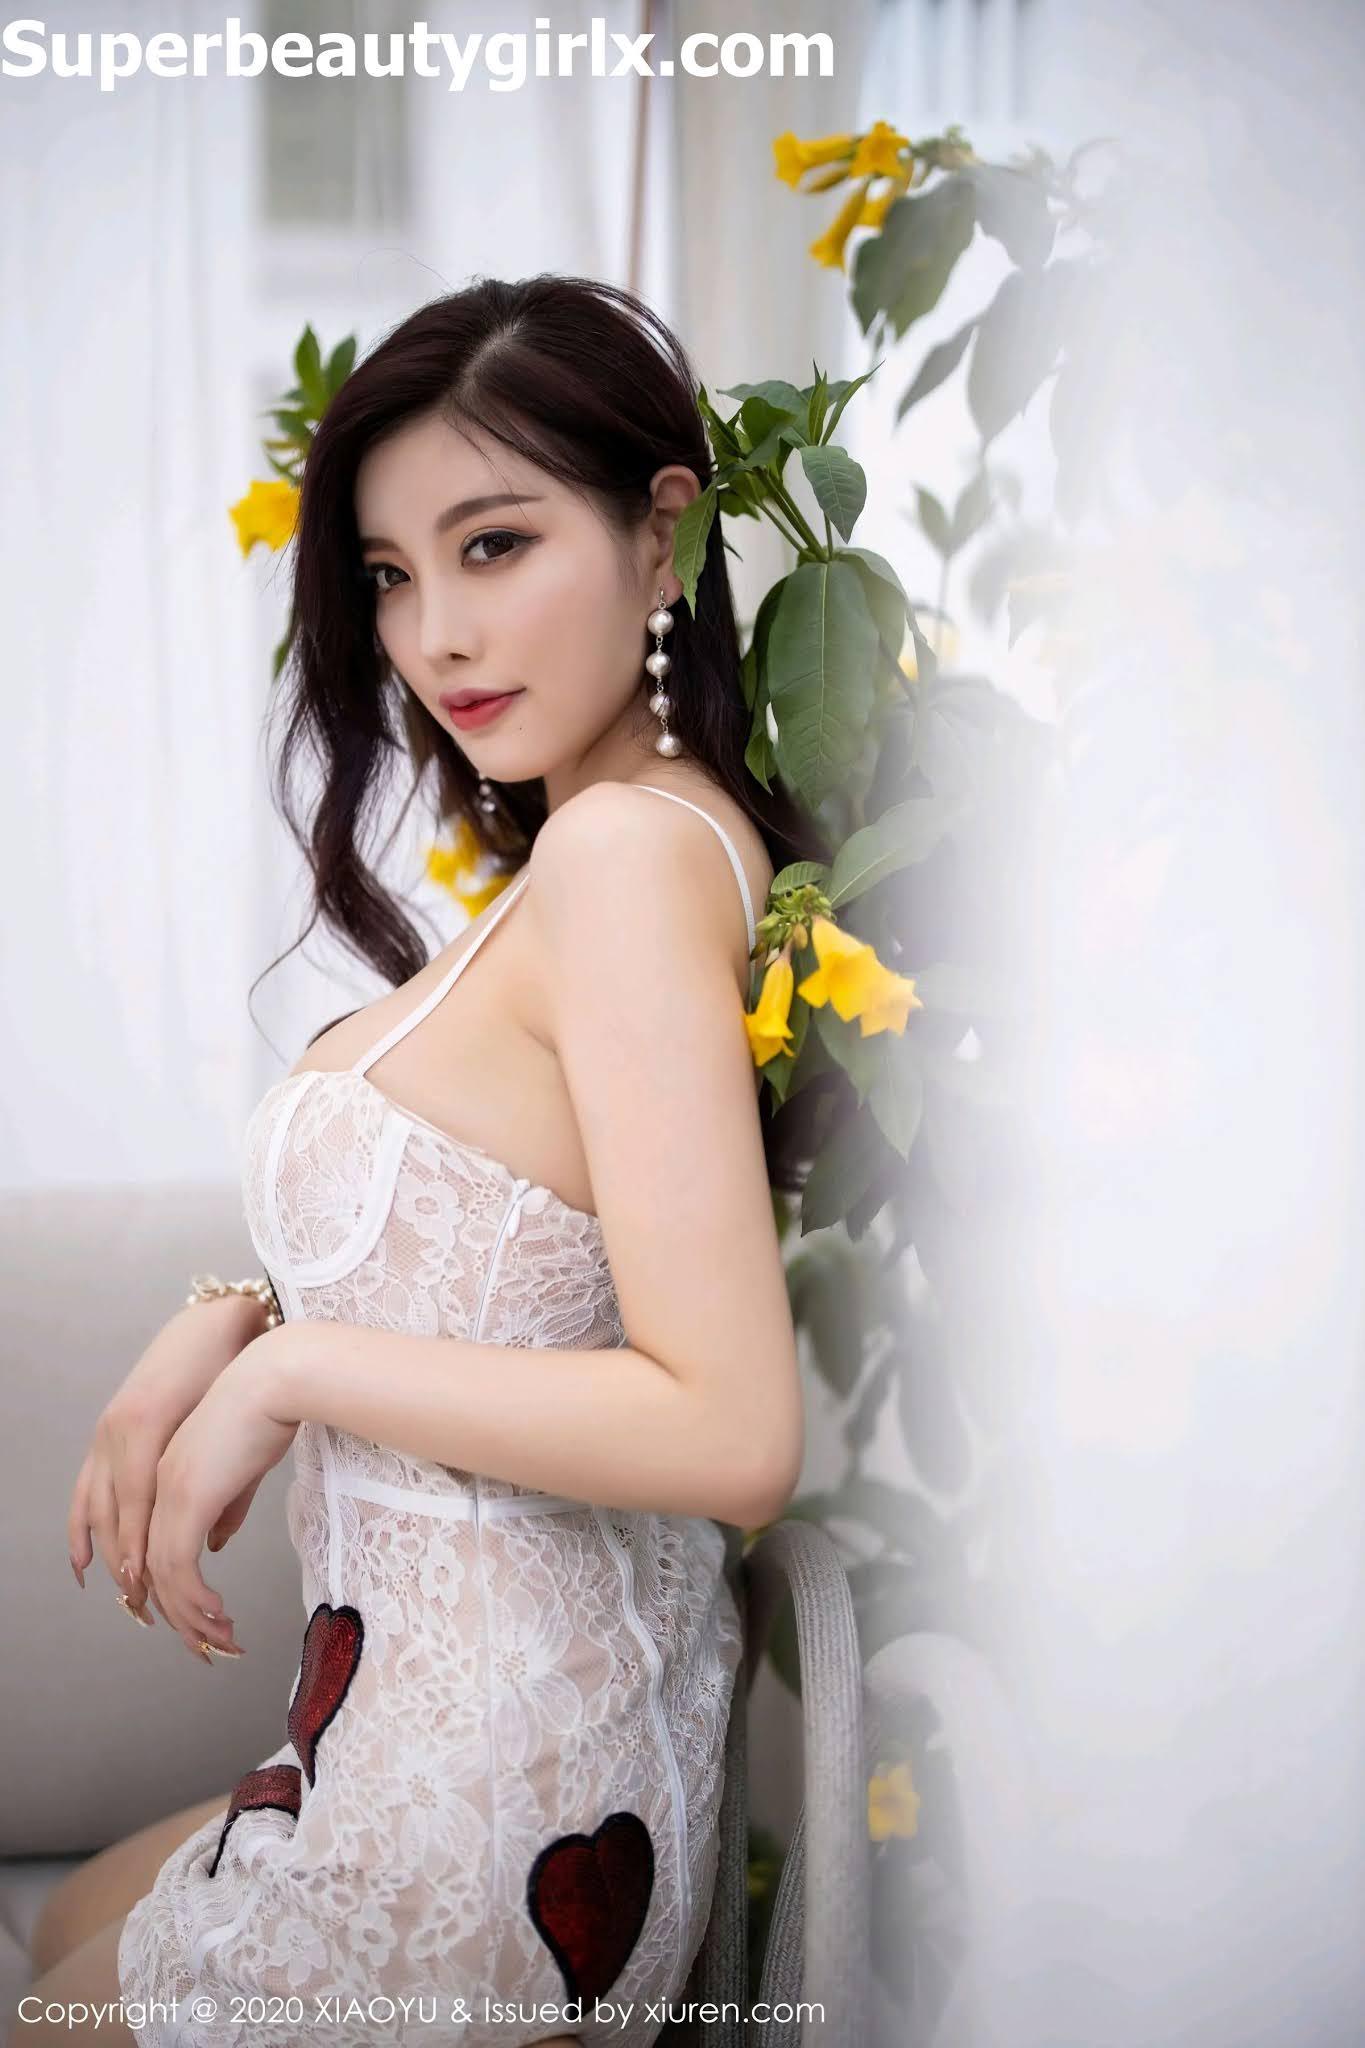 XiaoYu-Vol.368-Yang-Chen-Chen-sugar-Superbeautygirlx.com